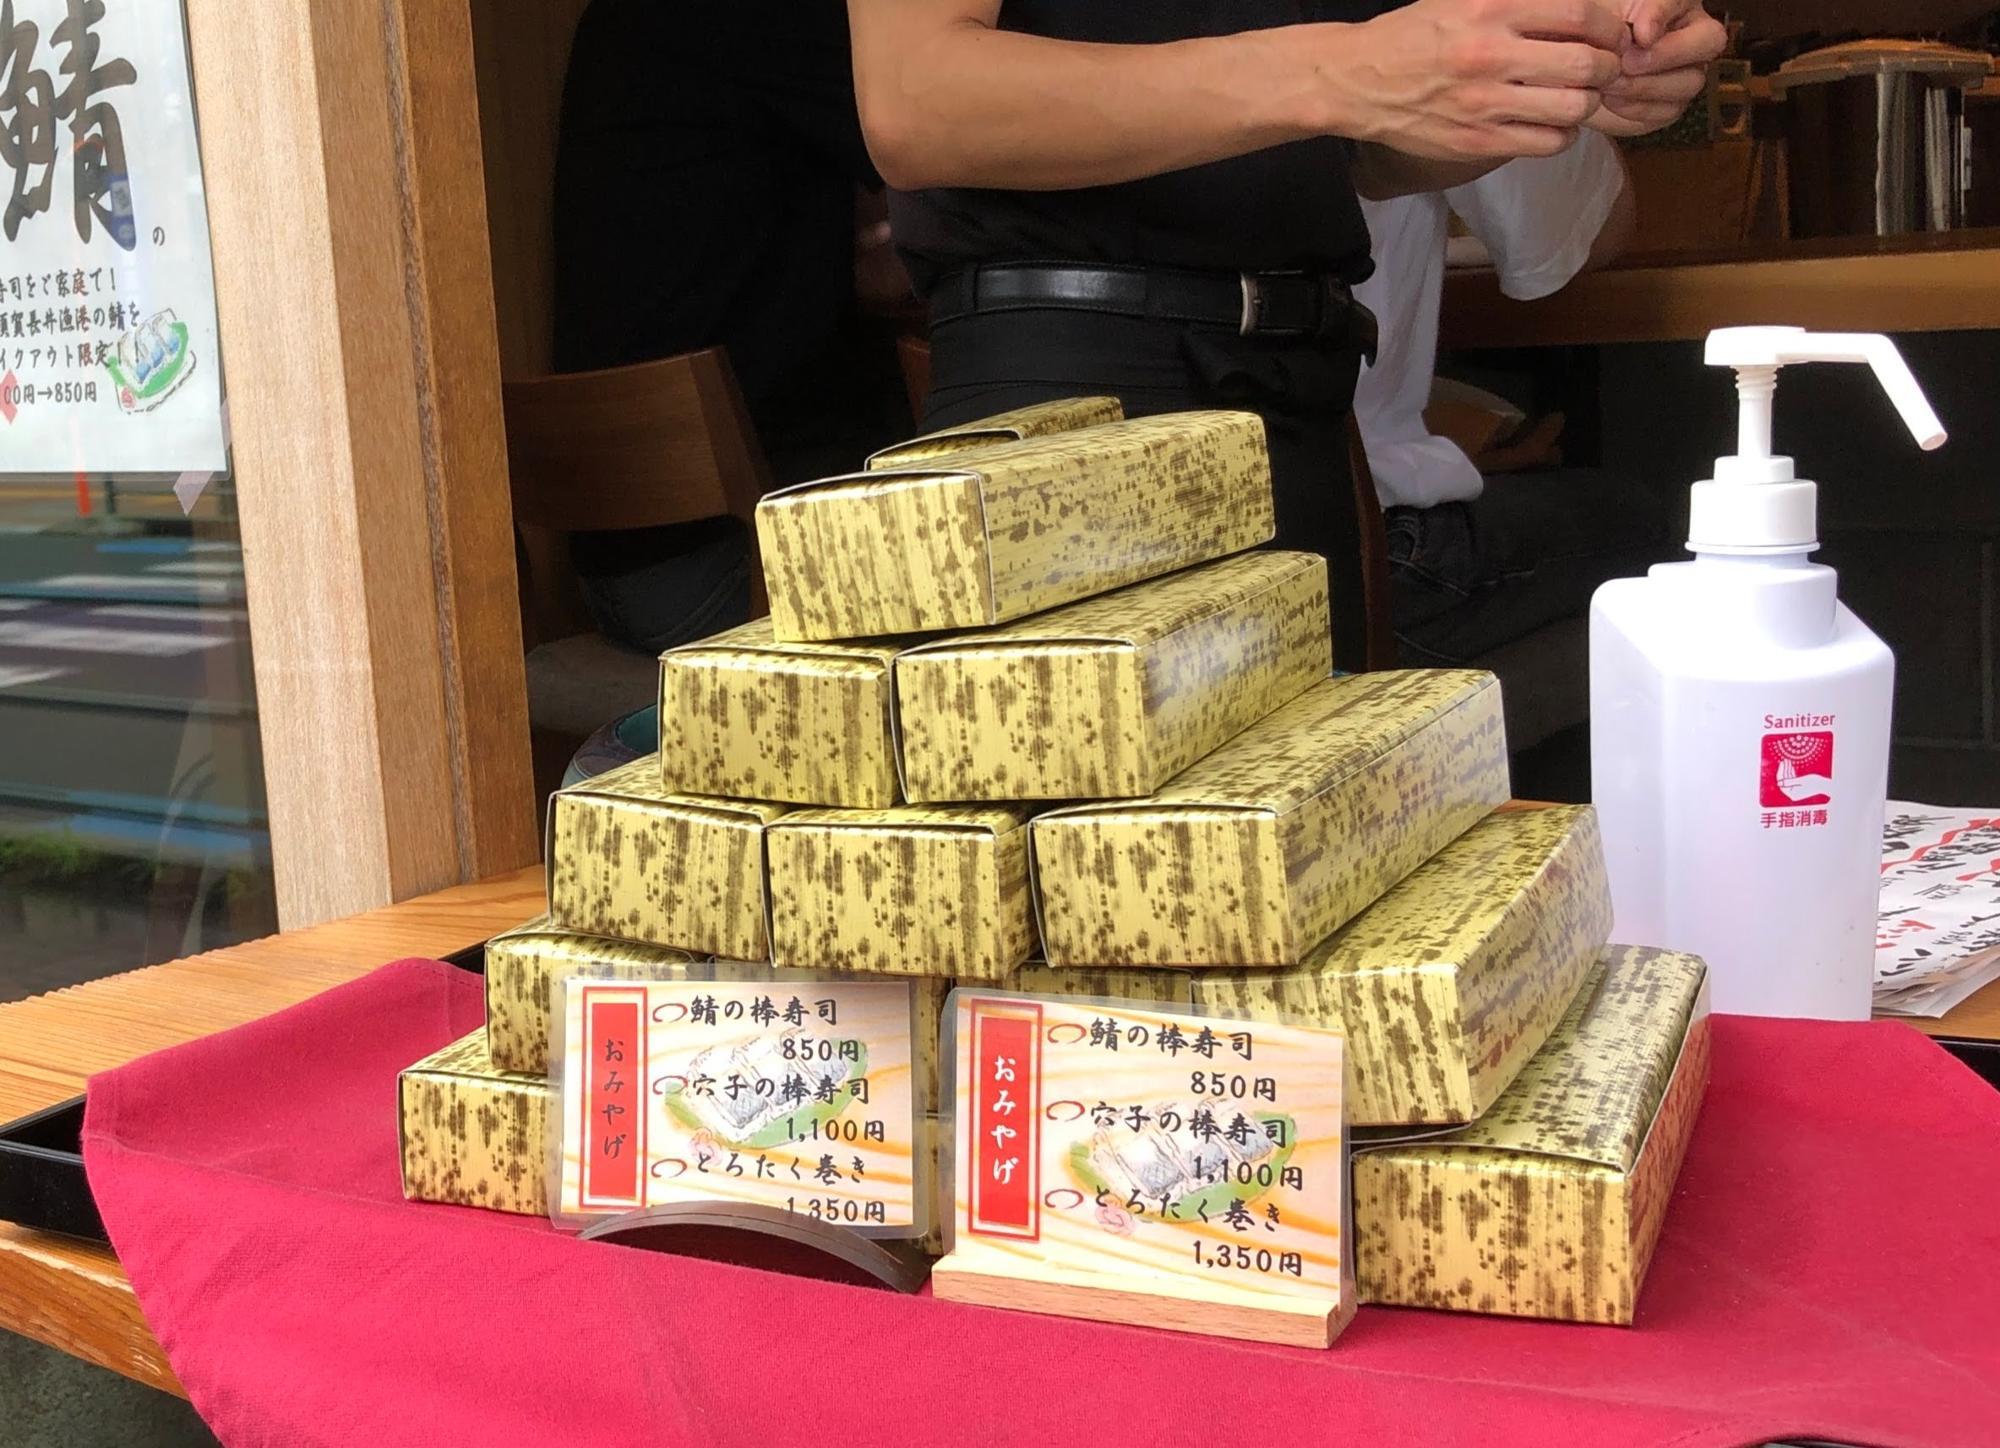 鯖の棒寿司も1,100円のところを850円で販売